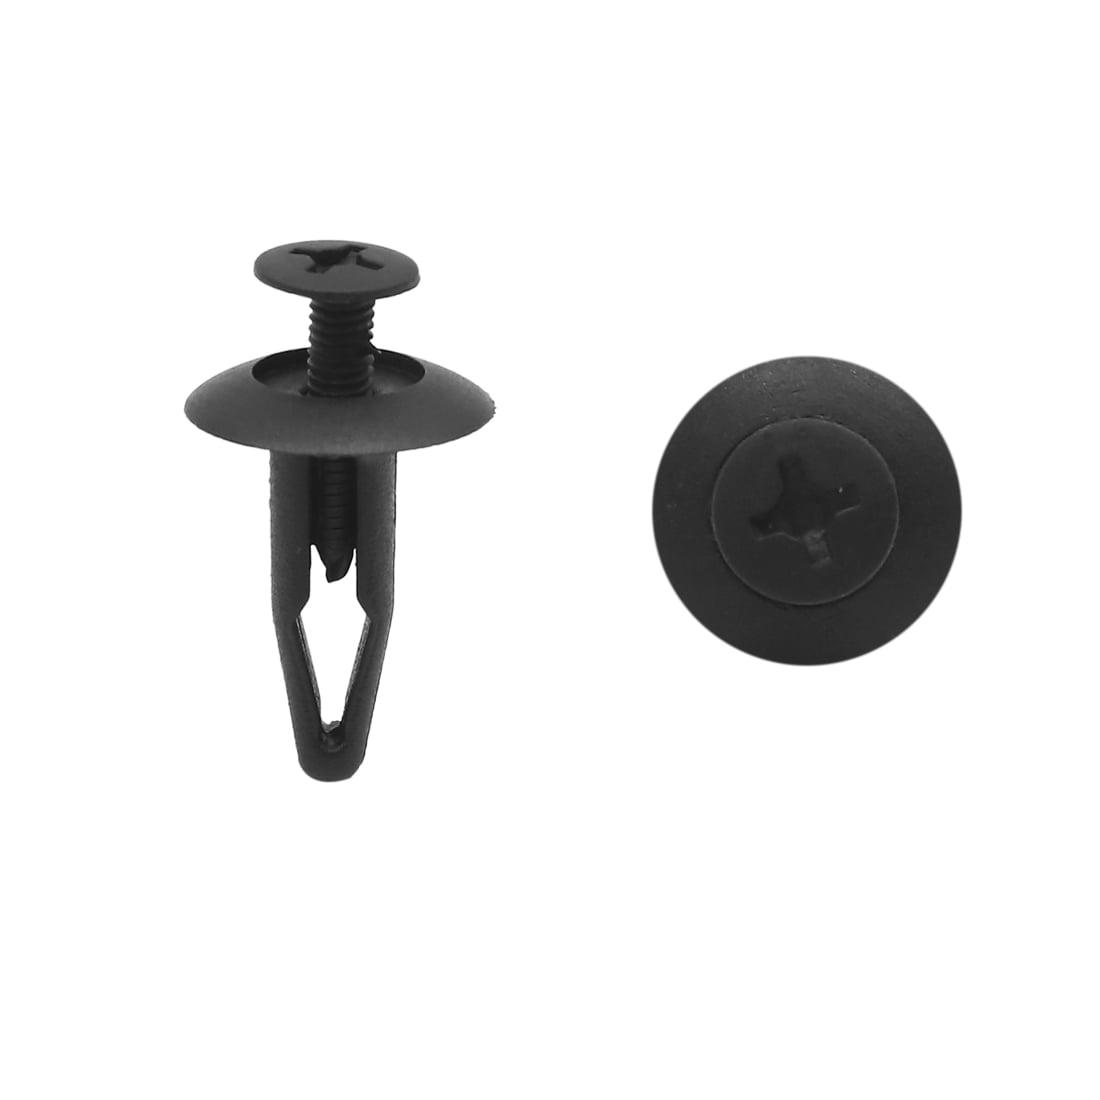 Hlyjoon 100pcs clips de rivet en nylon noir rivets attache de porte//garde-boue//pare-chocs de voiture vis de trou de 7,5 mm poussez le clip de retenue universelle